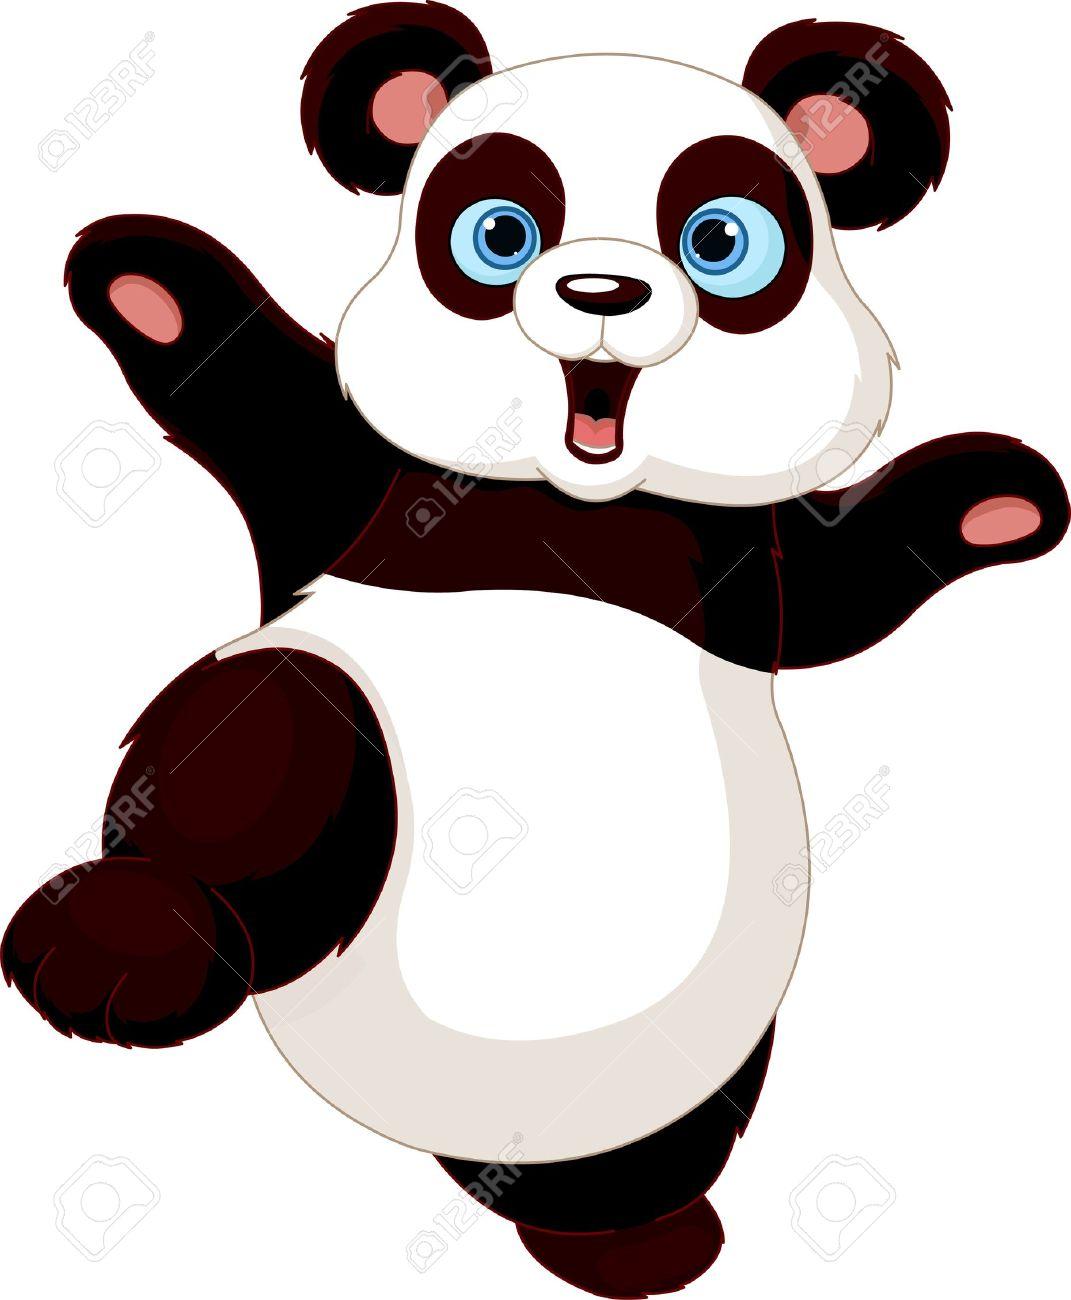 1071x1300 Cute Panda Doing Martial Art Royalty Free Cliparts, Vectors,